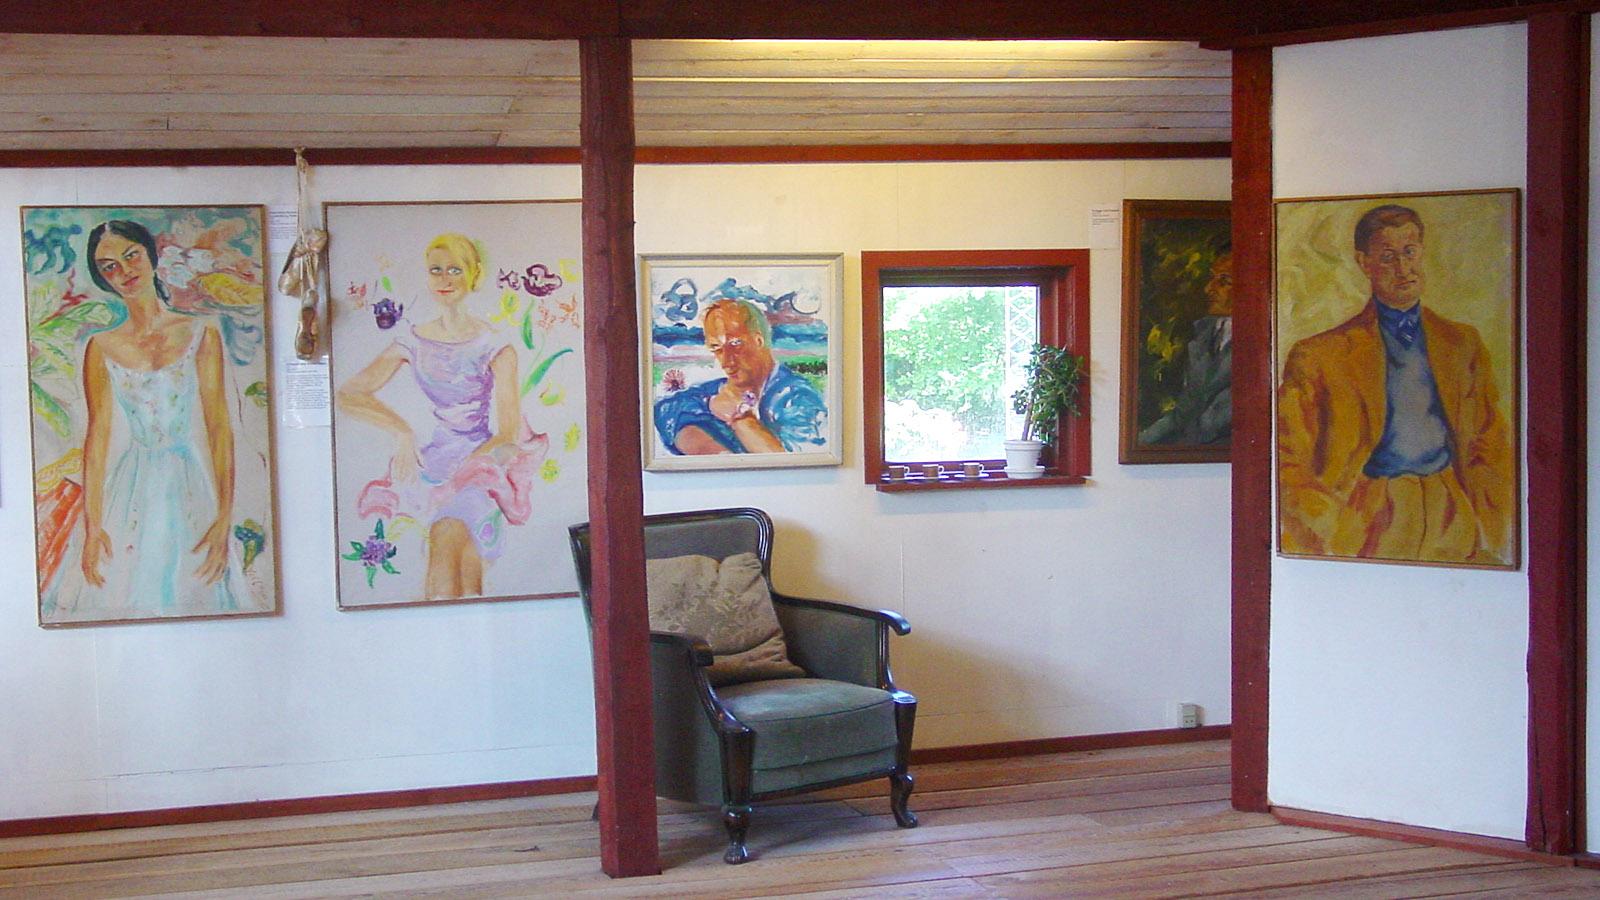 Thy: Wohnhaus und Atelier von Kirsten Kjær sind heute ein Museum. Foto: Hilke Maunder